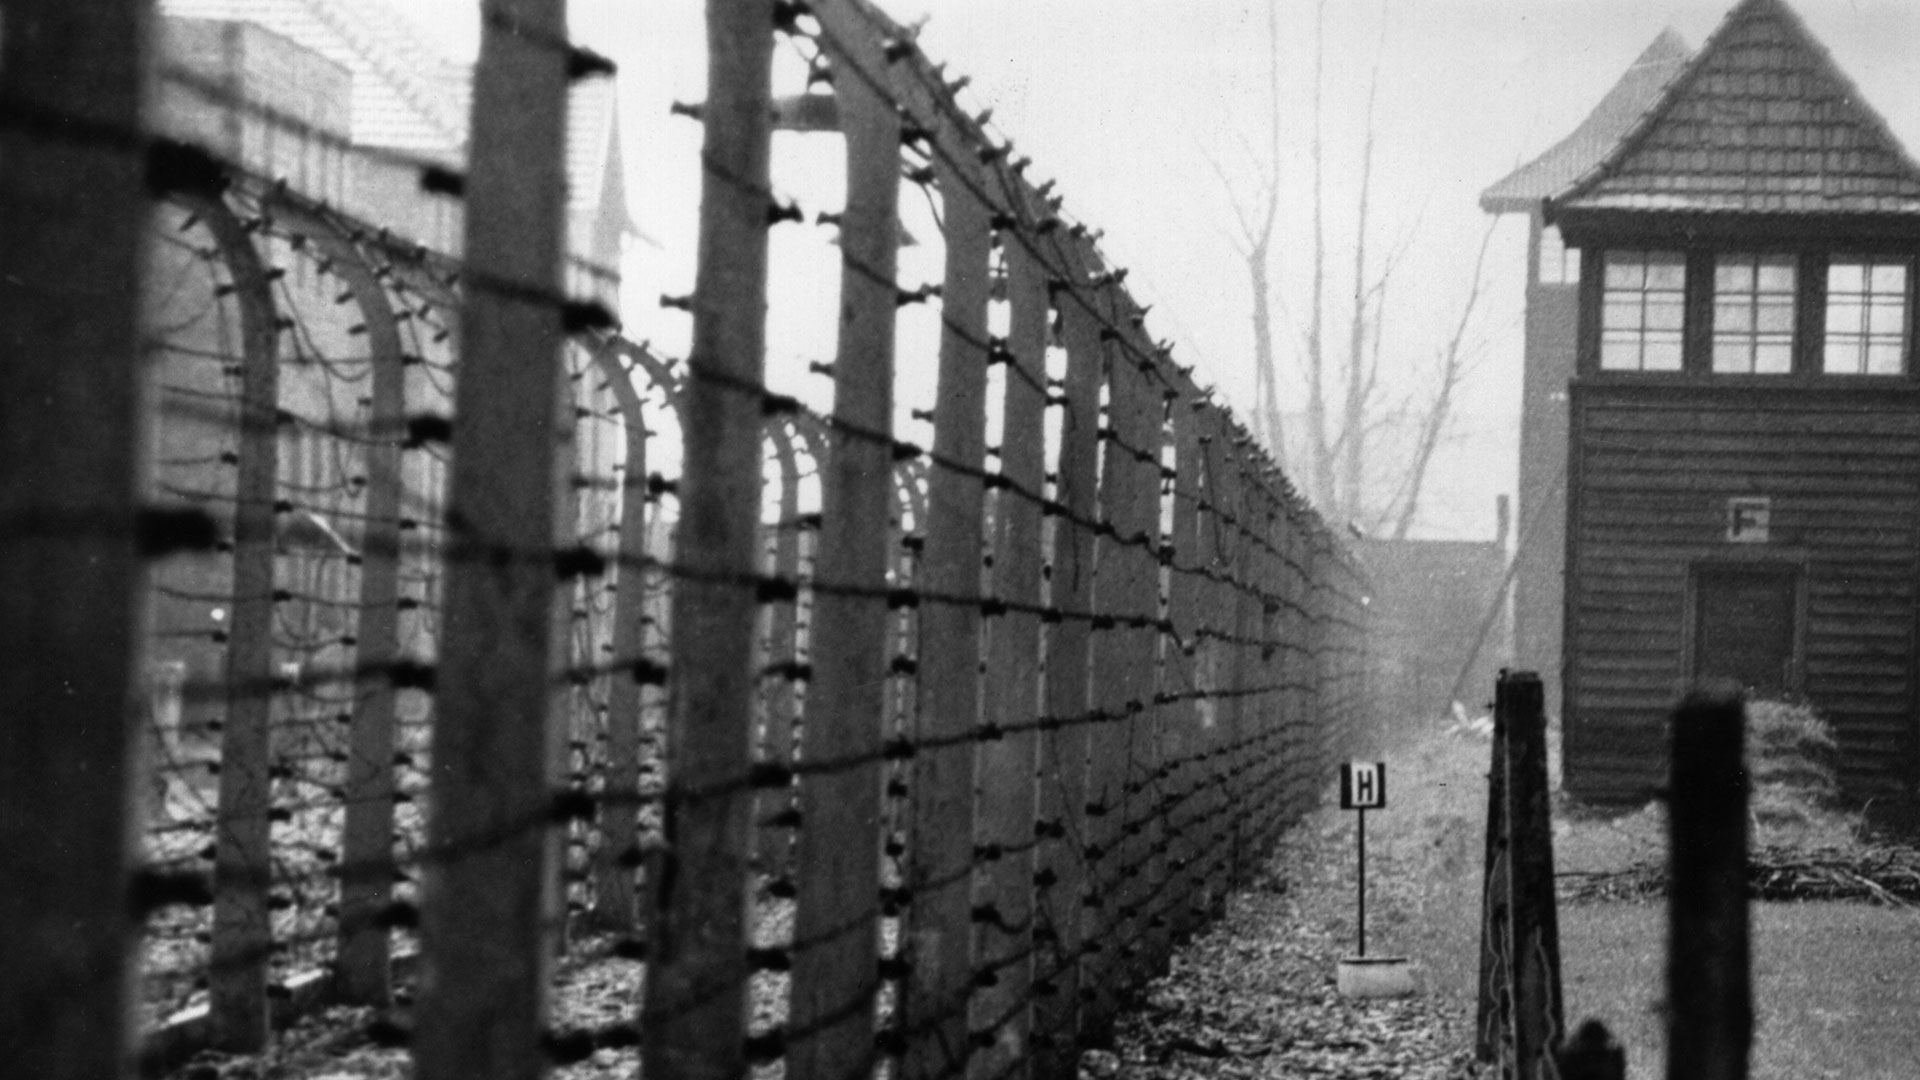 Auschwitz, ubicado en territorios polacos ocupados, fue el mayor centro de exterminio del nazismo